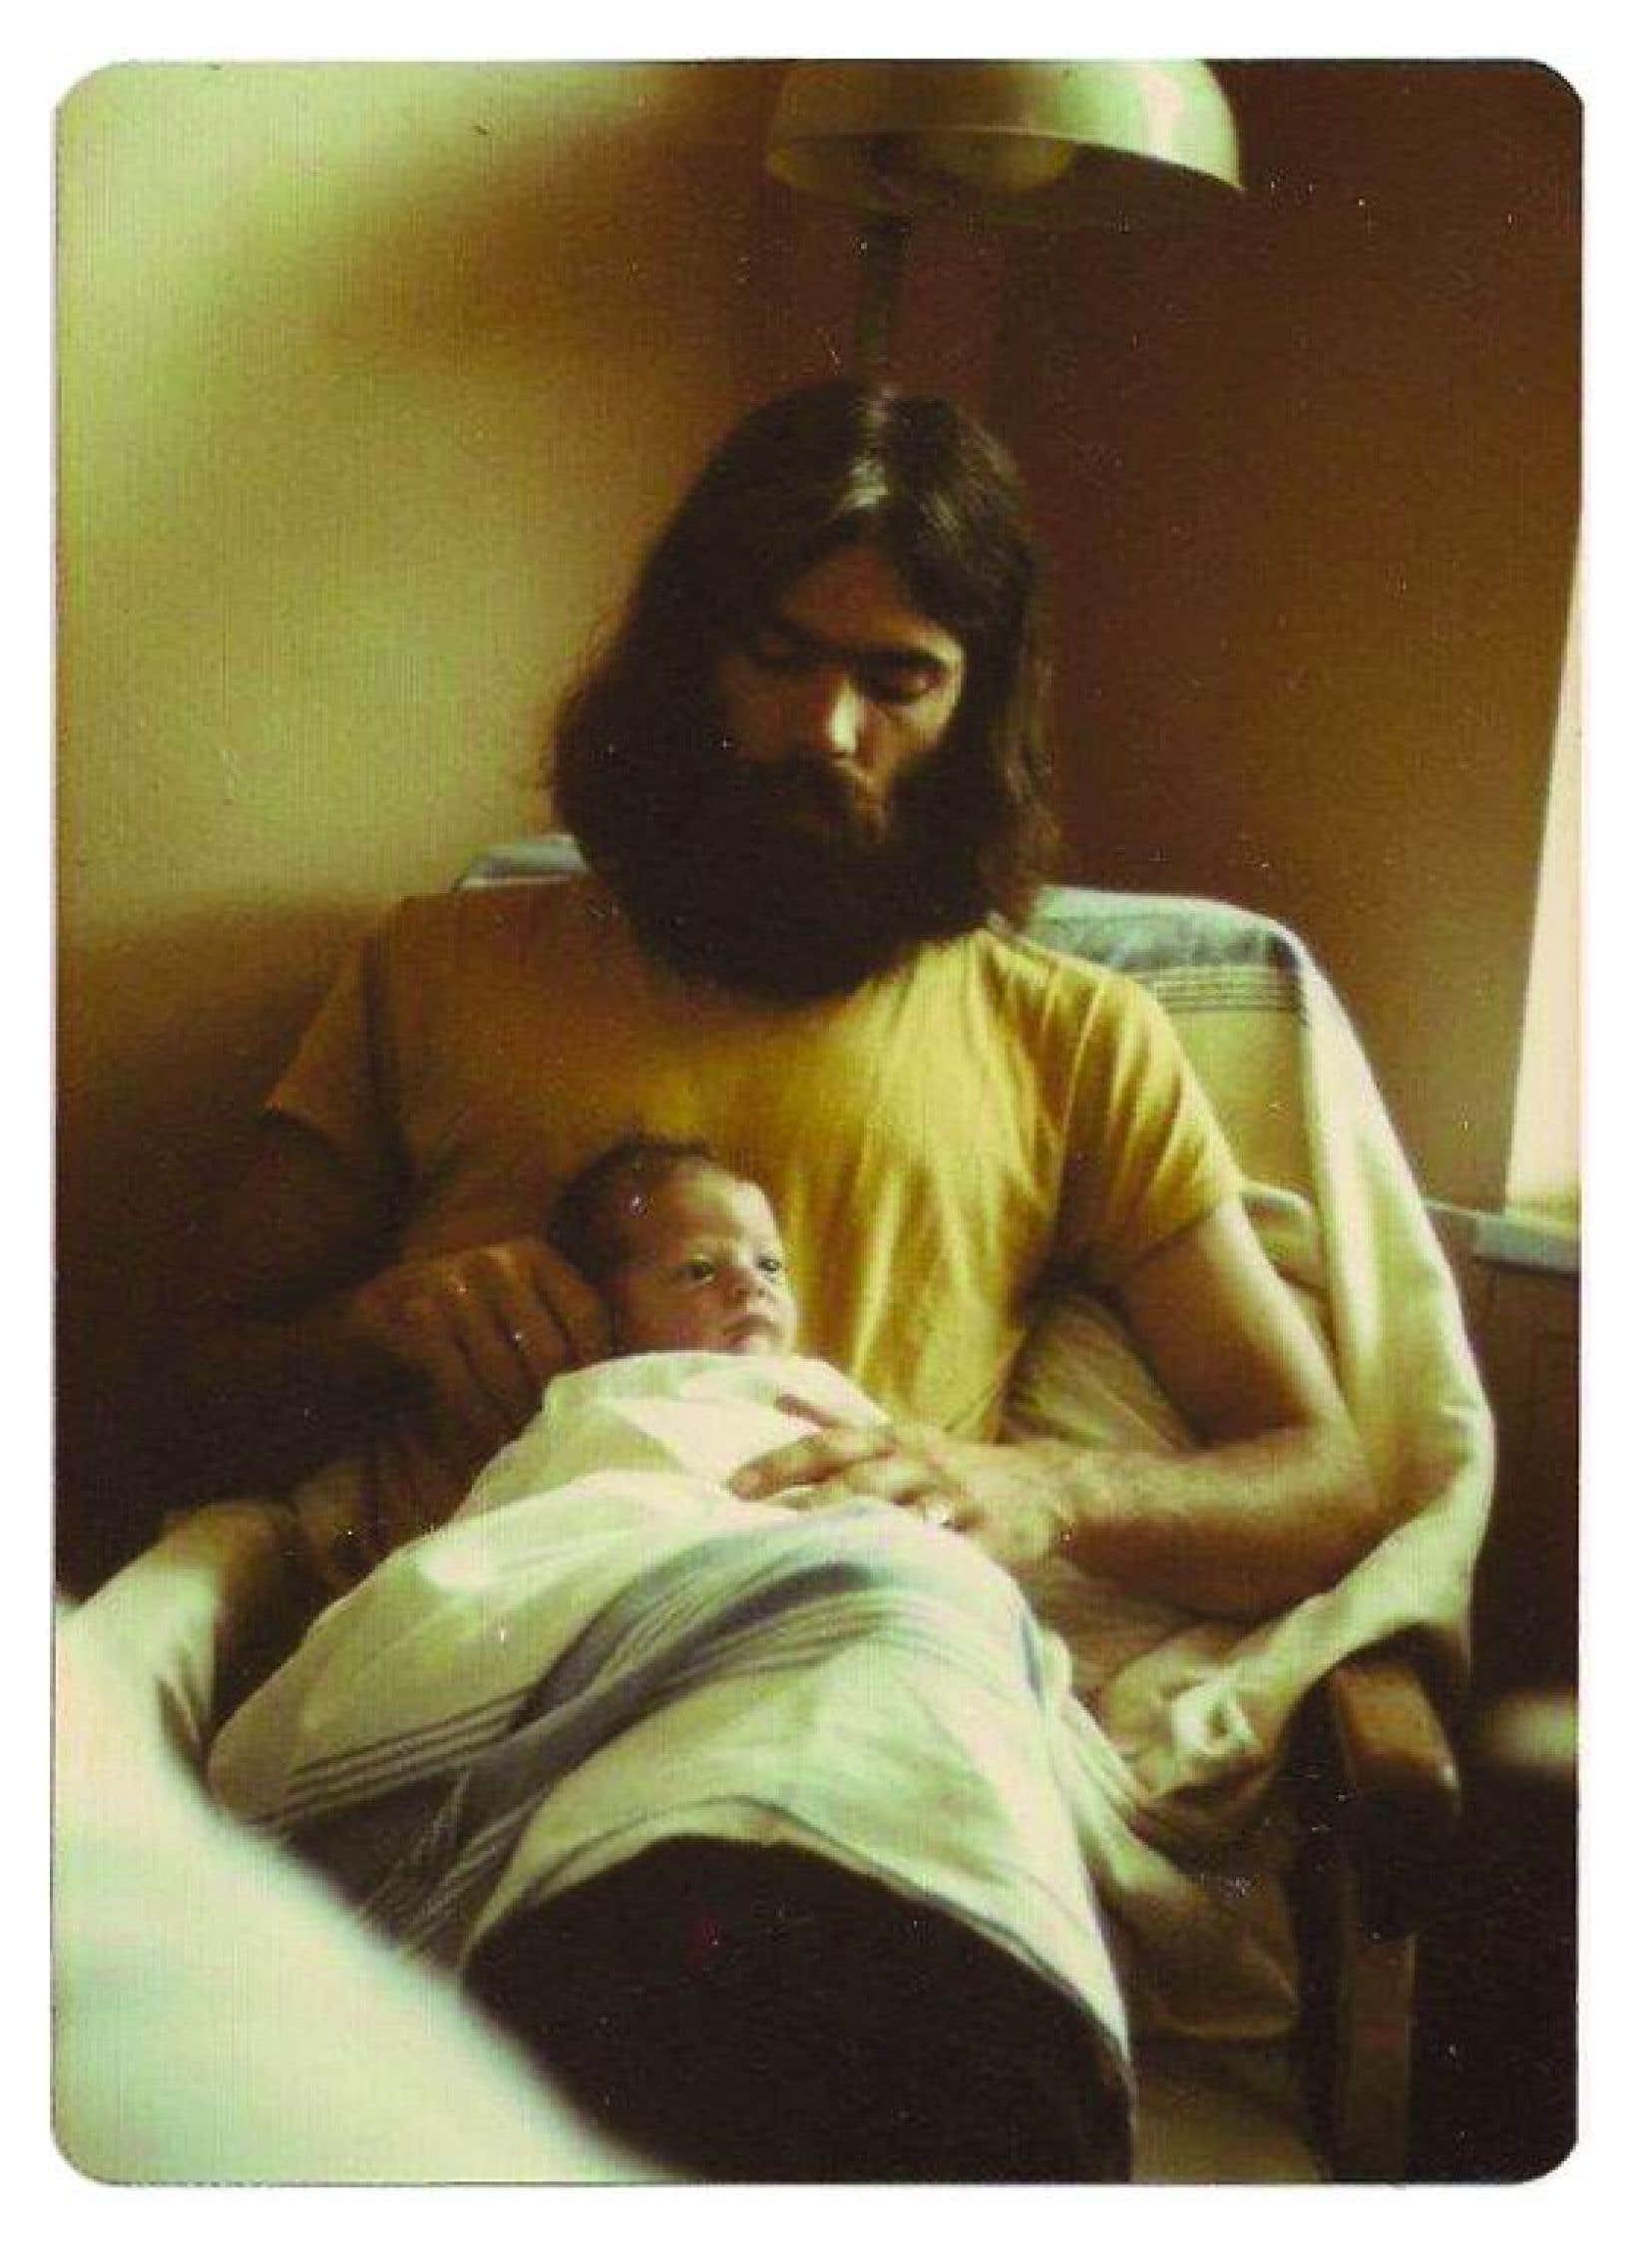 Dans les années soixante-dix, le mouvement d'humanisation des naissances prend forme, et des couples refusent le modèle de l'accouchement sous anesthésie générale.